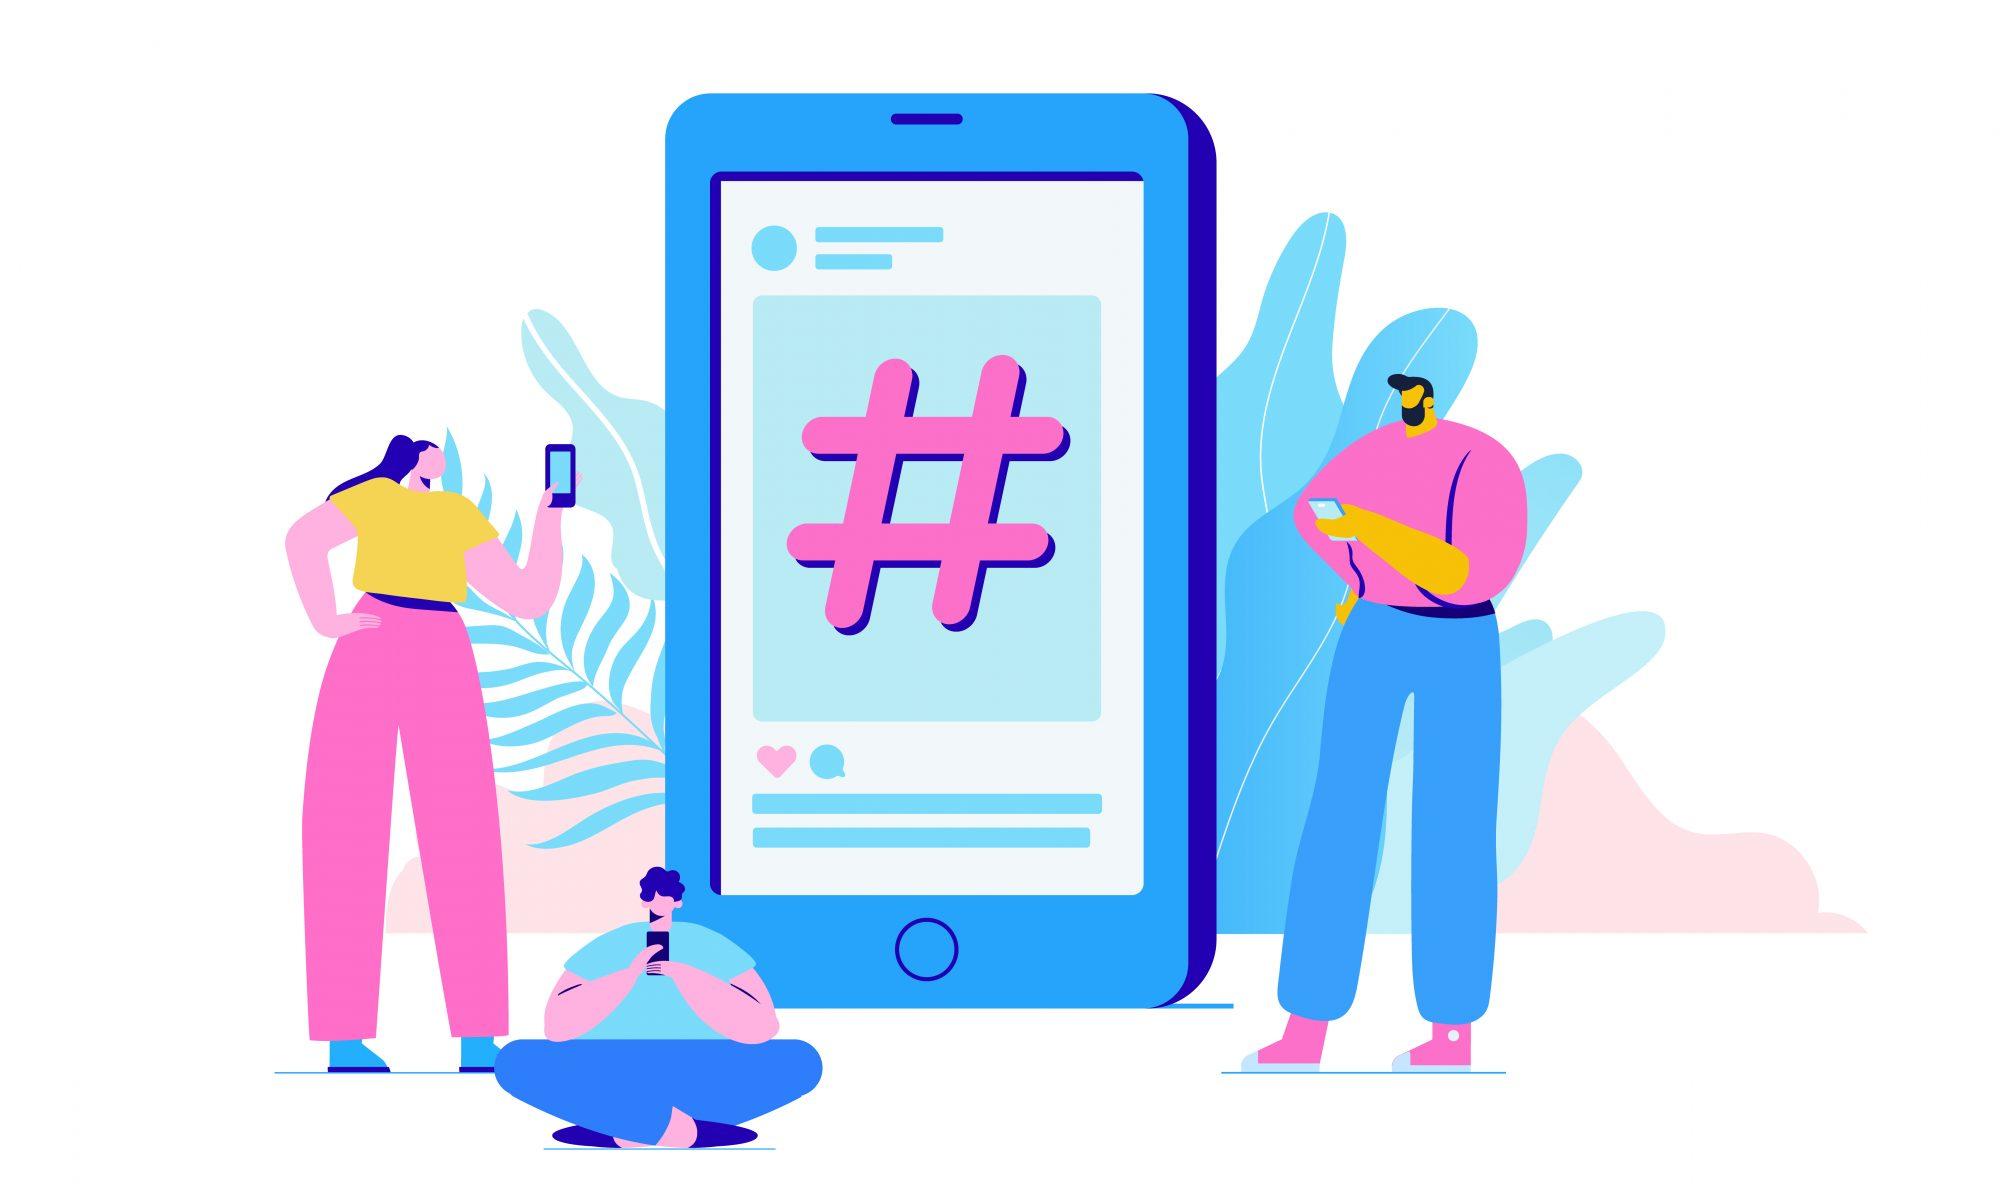 چگونه بلاگر شویم؟